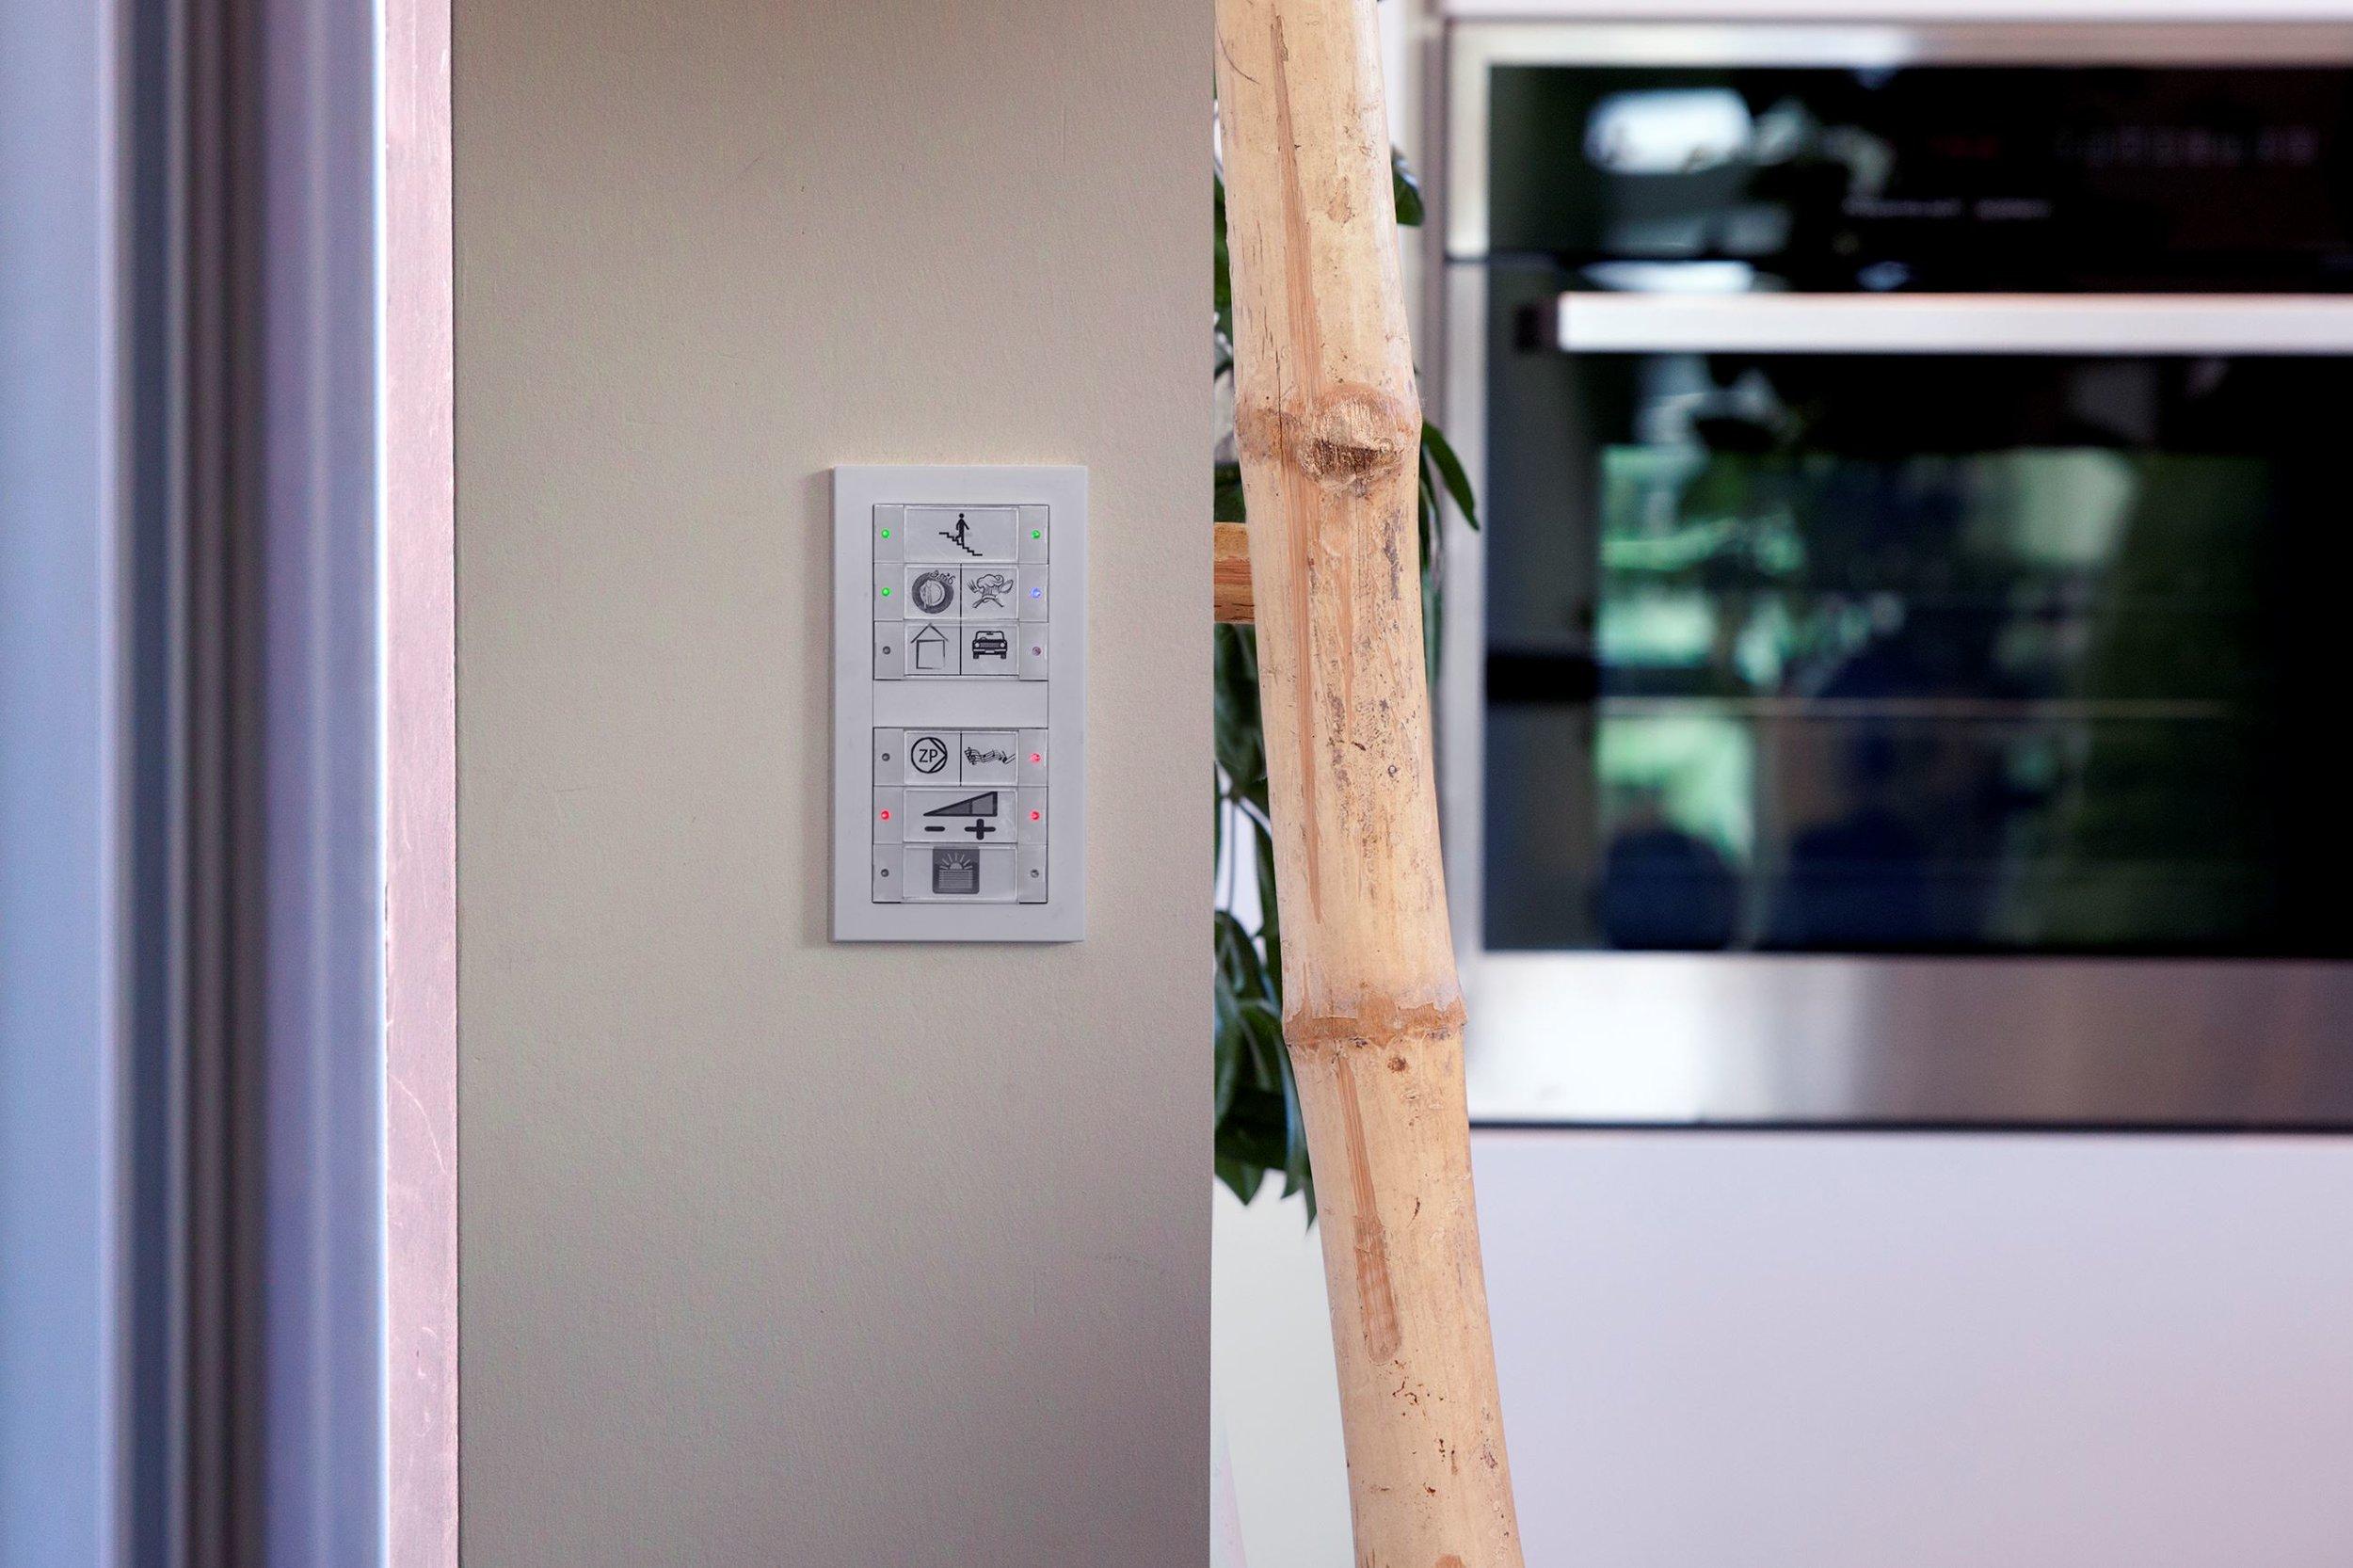 Тези многофункционални ключове са залепени на удобно място в дома и имат множество бутони, които са програмирани да се свързват с различни умни устройства.